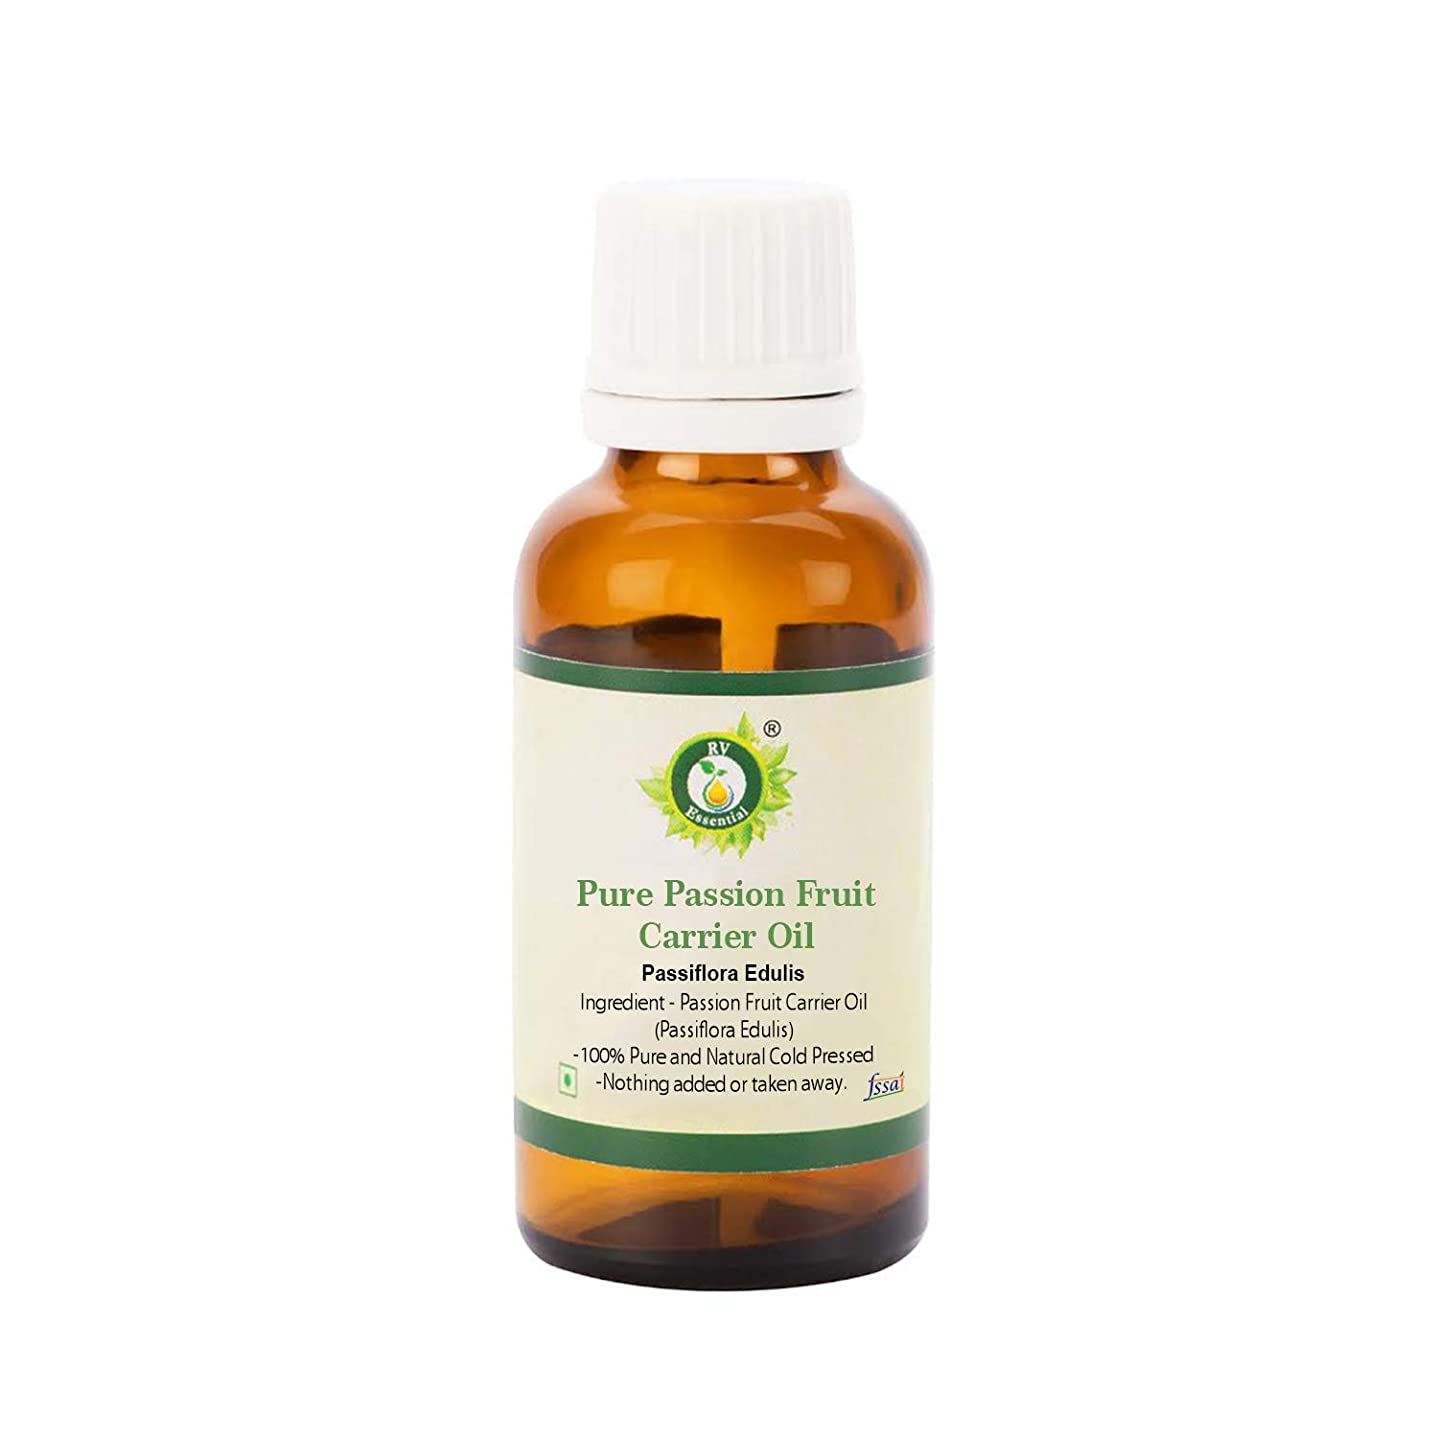 未使用印をつけるトラフィックR V Essential 純粋な情熱フルーツキャリアオイル100ml (3.38oz)- Passiflora Edulis (100%ピュア&ナチュラルコールドPressed) Pure Passion Fruit Carrier Oil